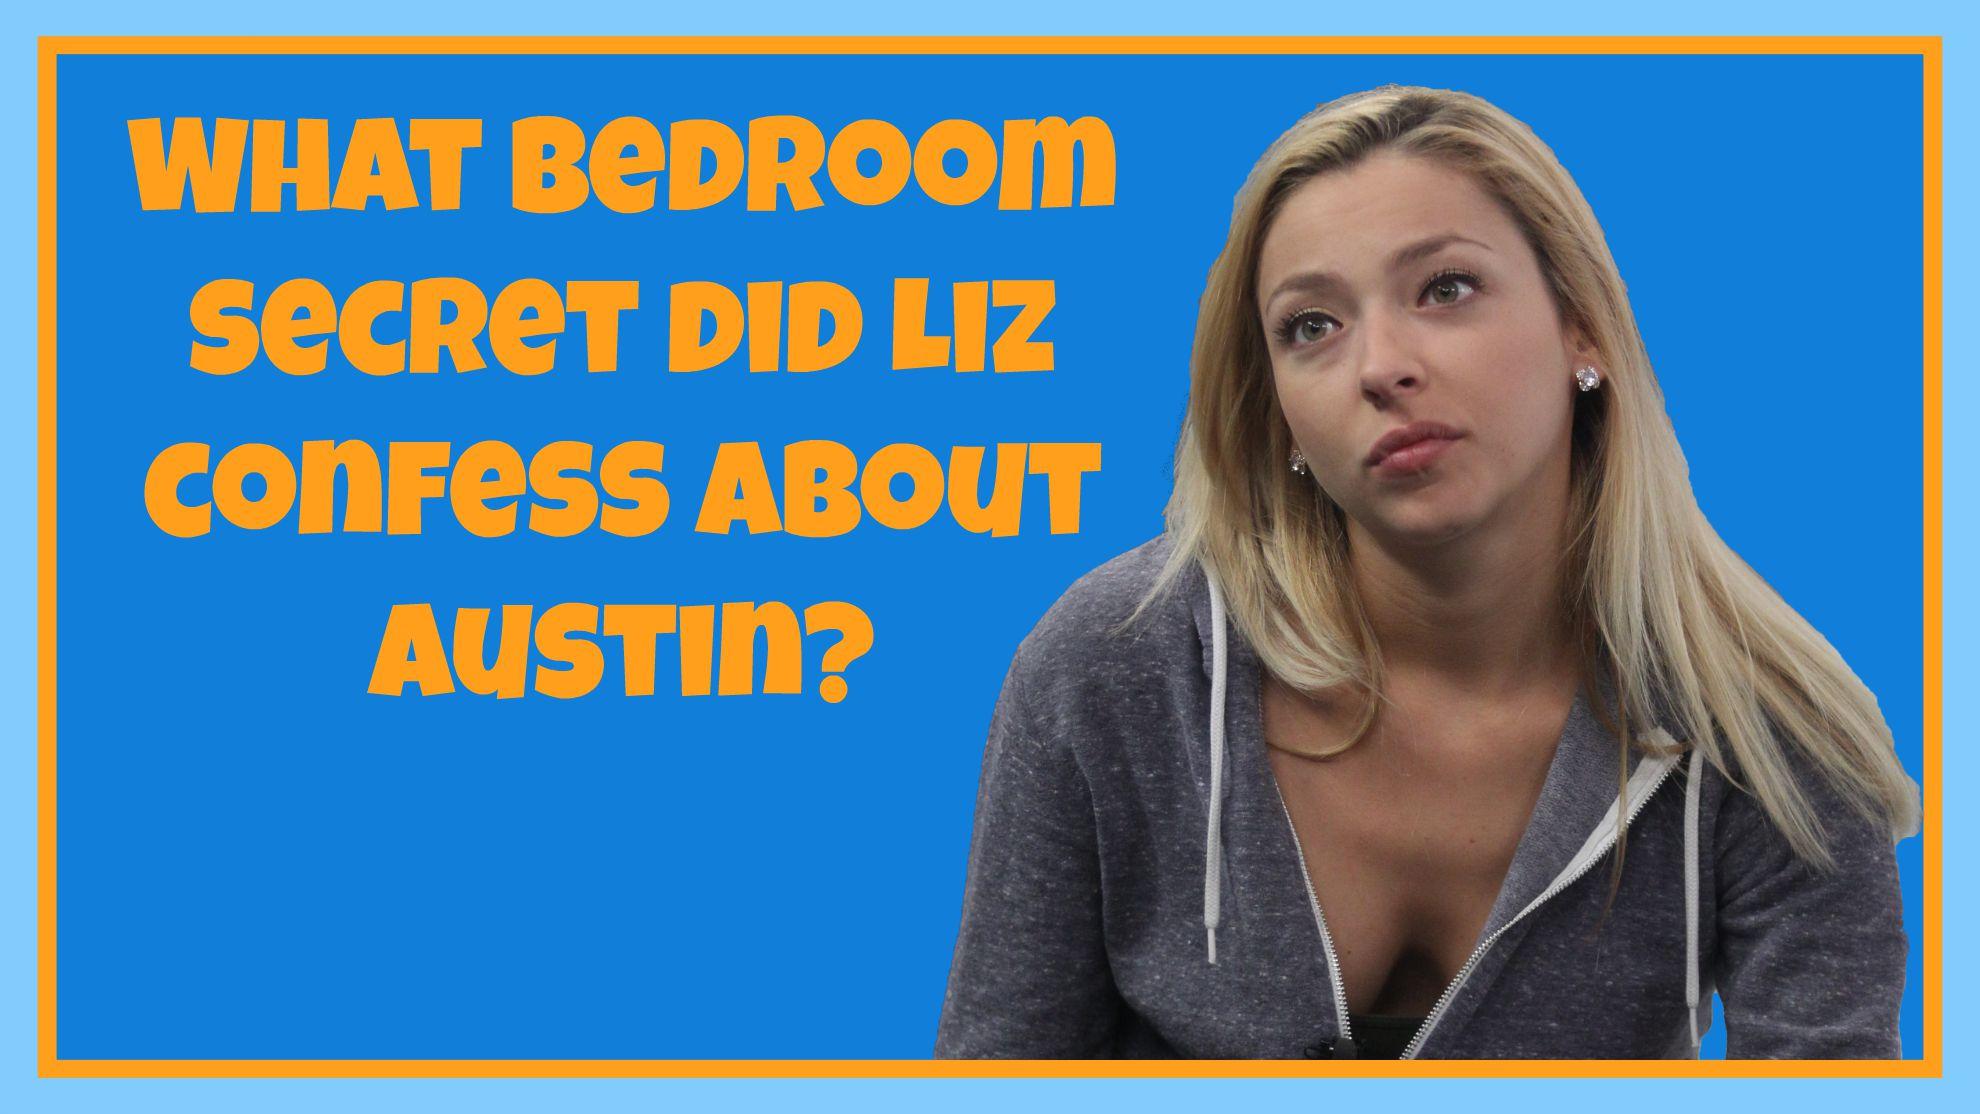 What bedroom secret did Liz confess about Austin?